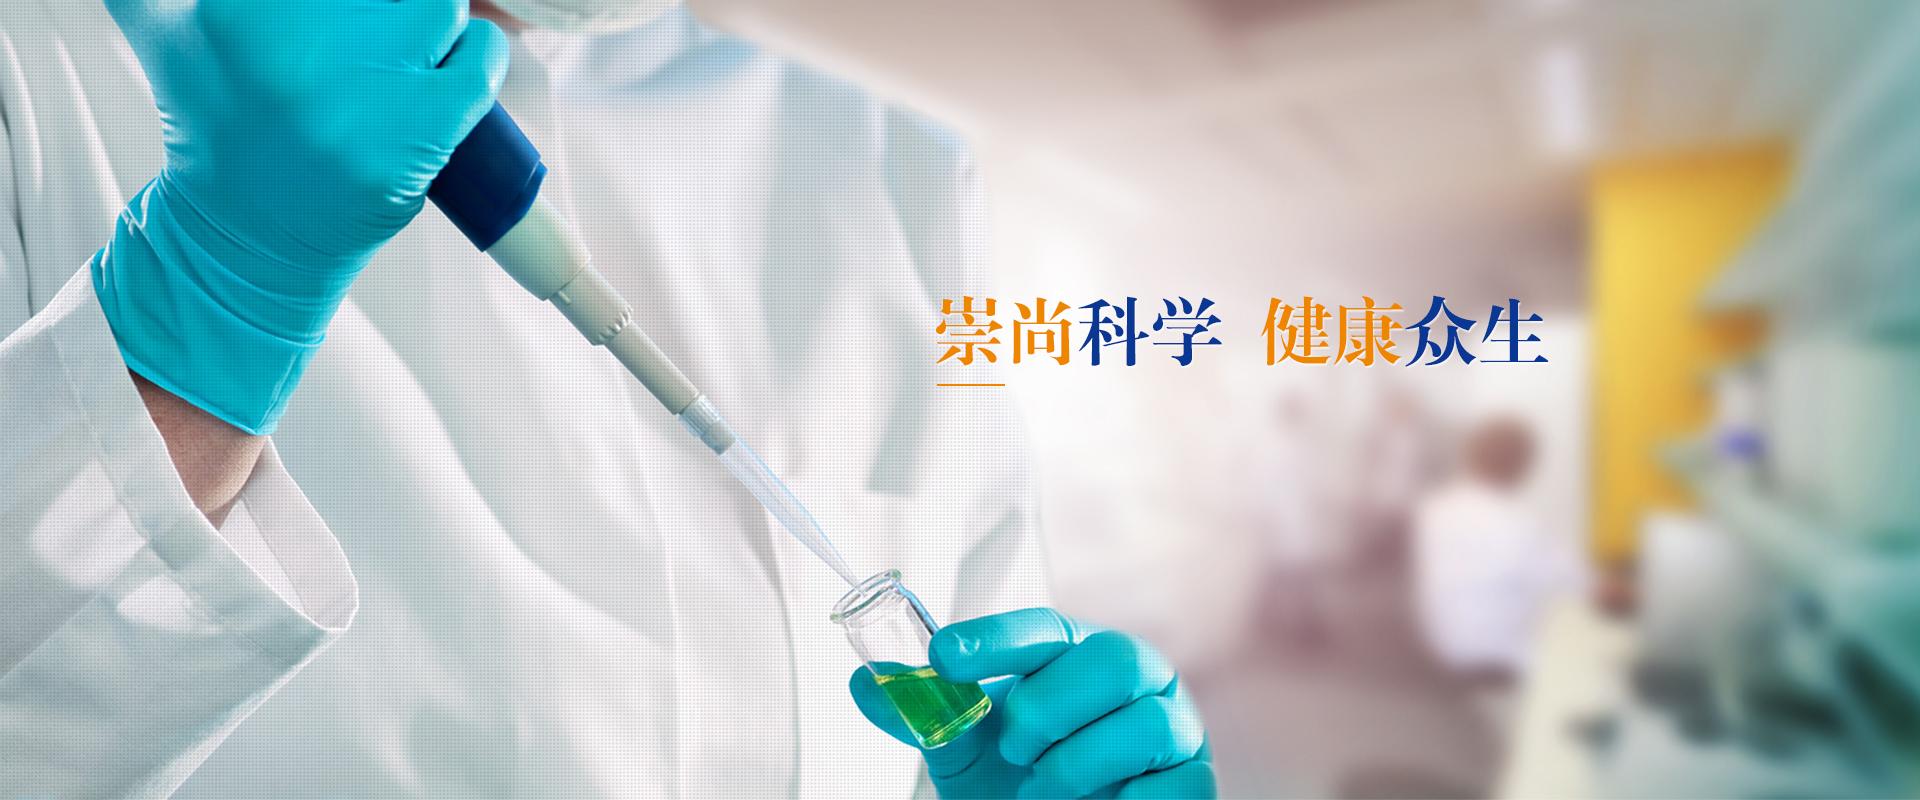 崇尚科学健康众生